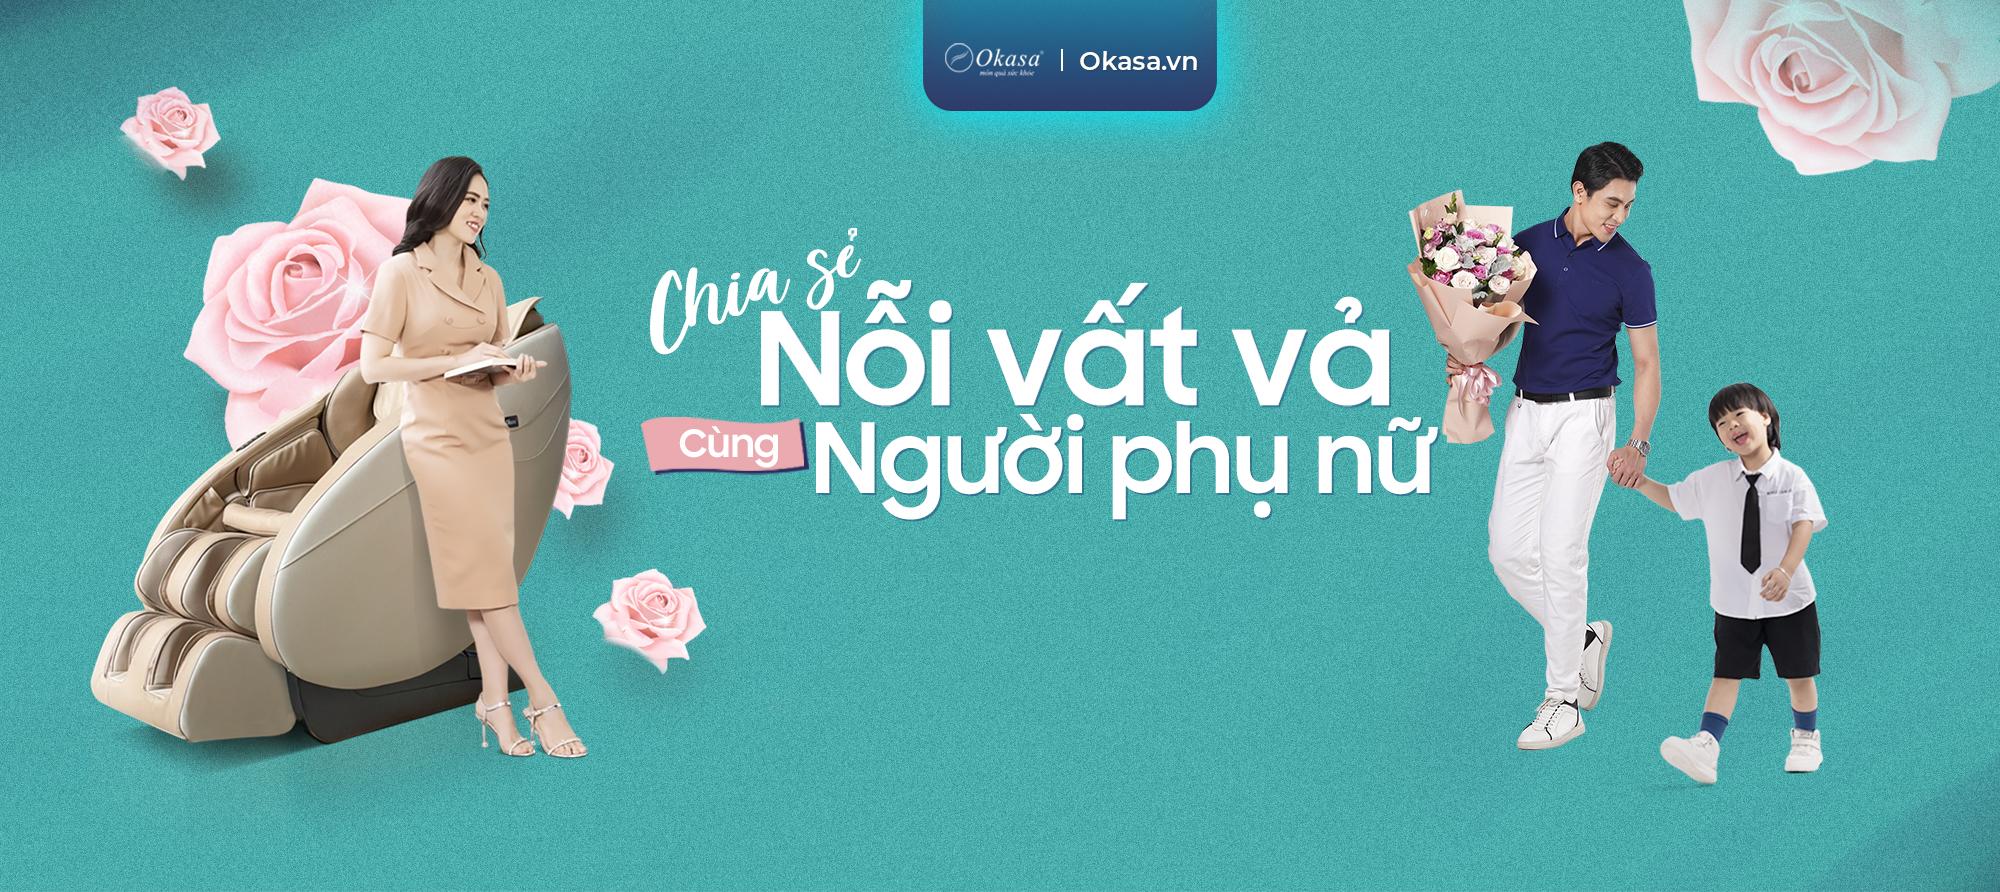 Ưu đãi chào mừng ngày phụ nữ Việt Nam 20-10